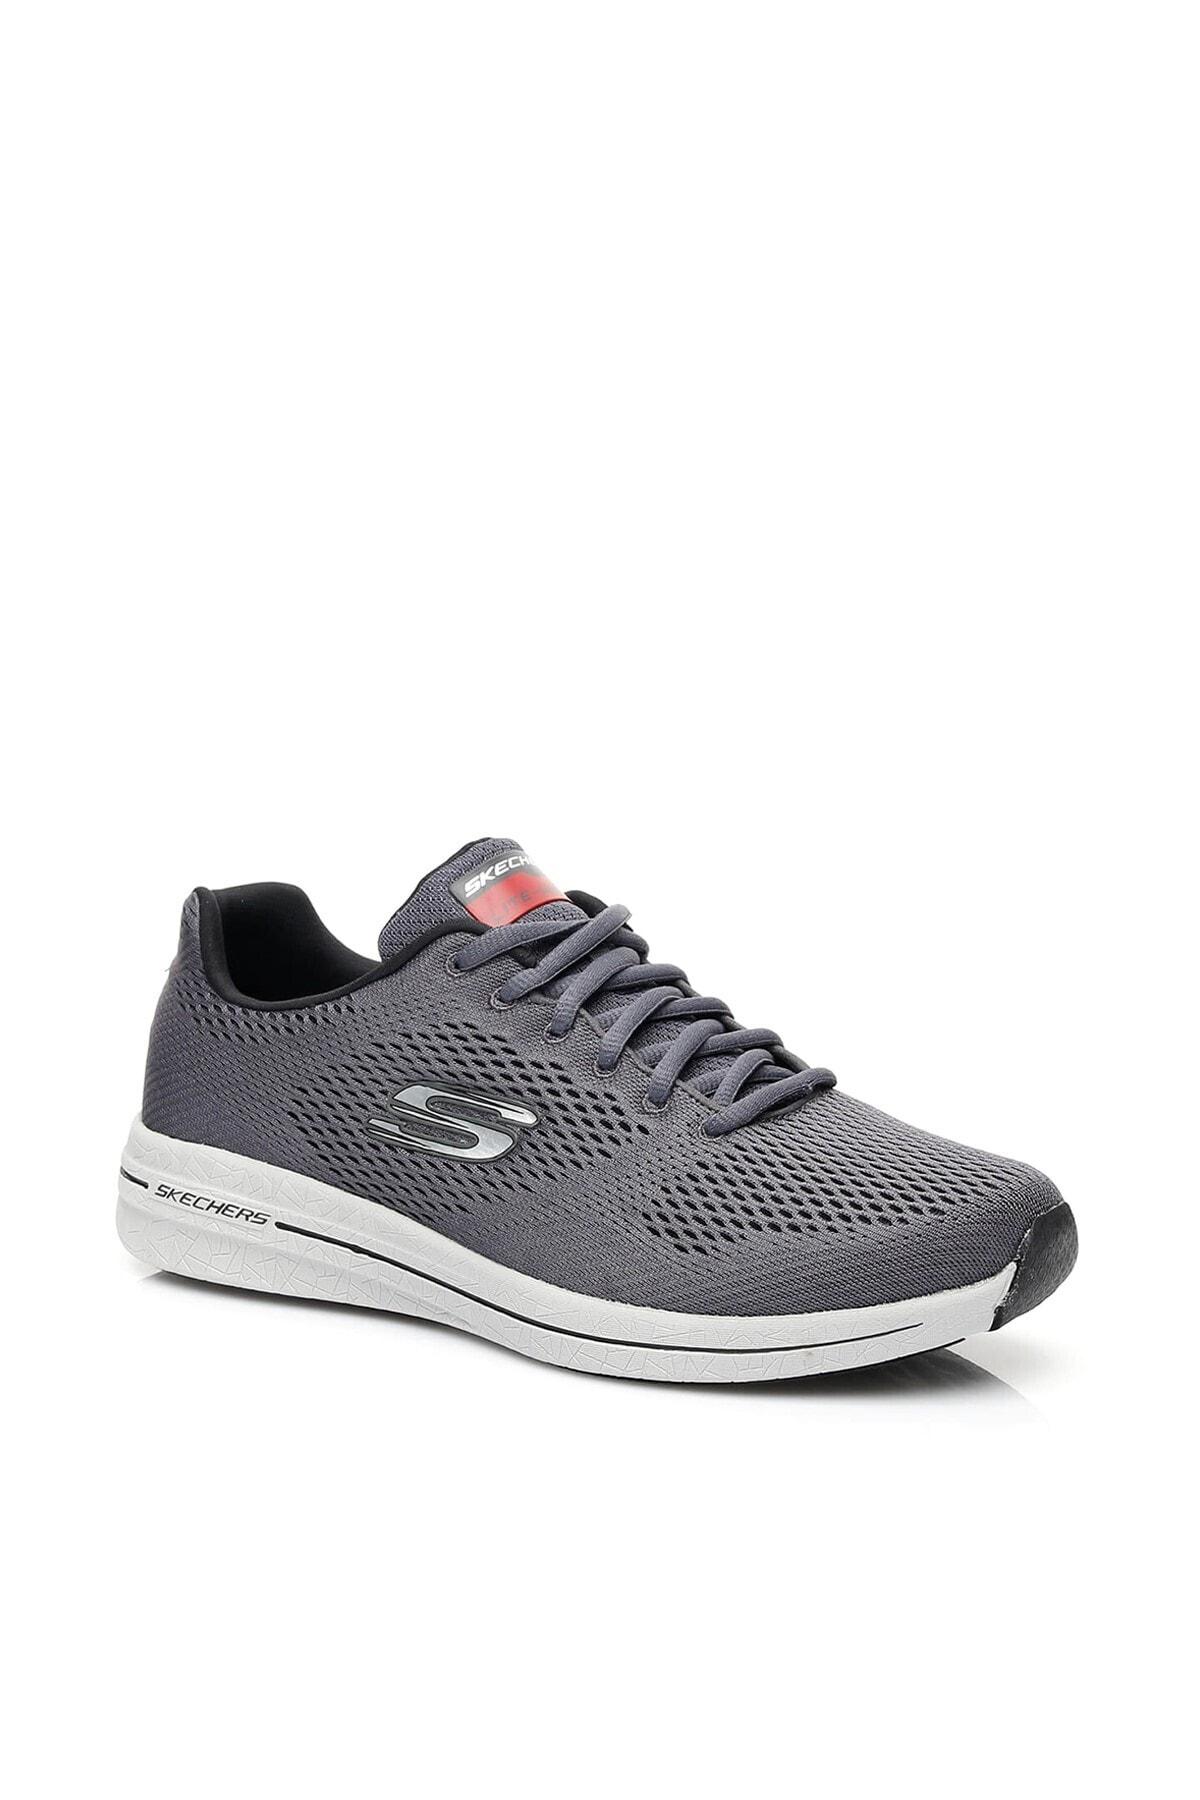 Skechers BURST 2.0- OUT OF RANGE Erkek Gri Spor Ayakkabı